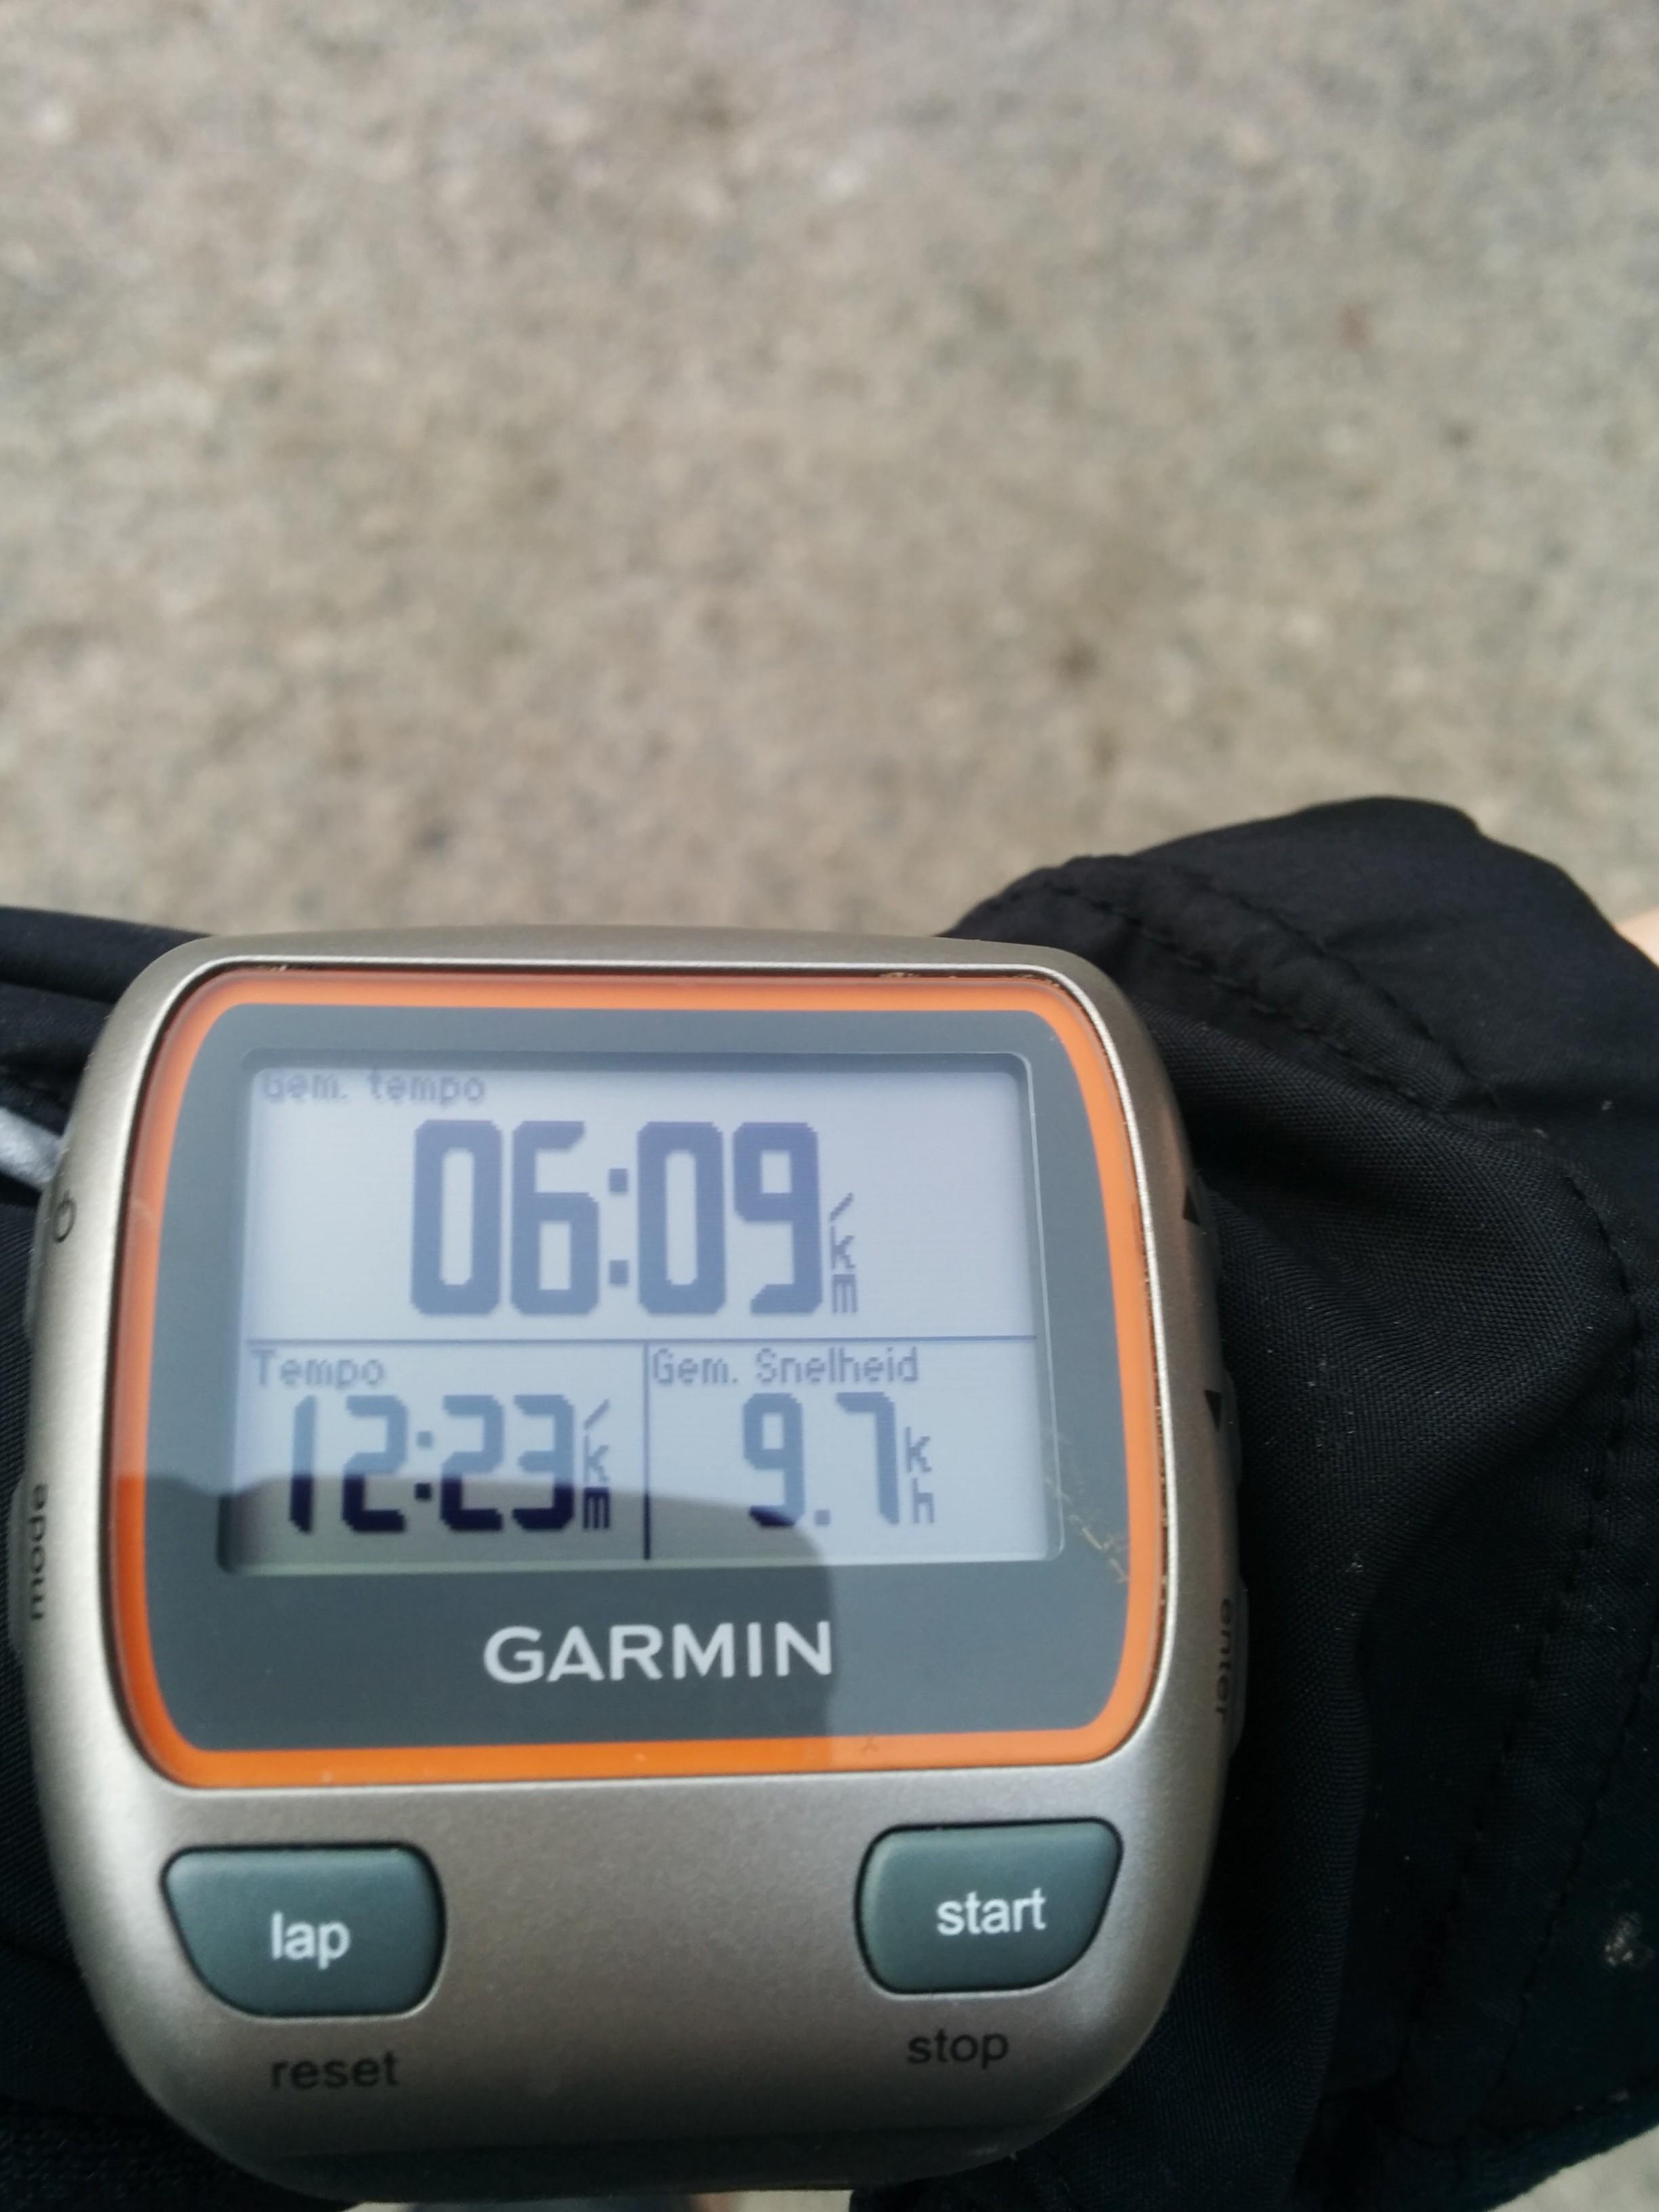 Trail_Du_Mont_Garmin_Pace